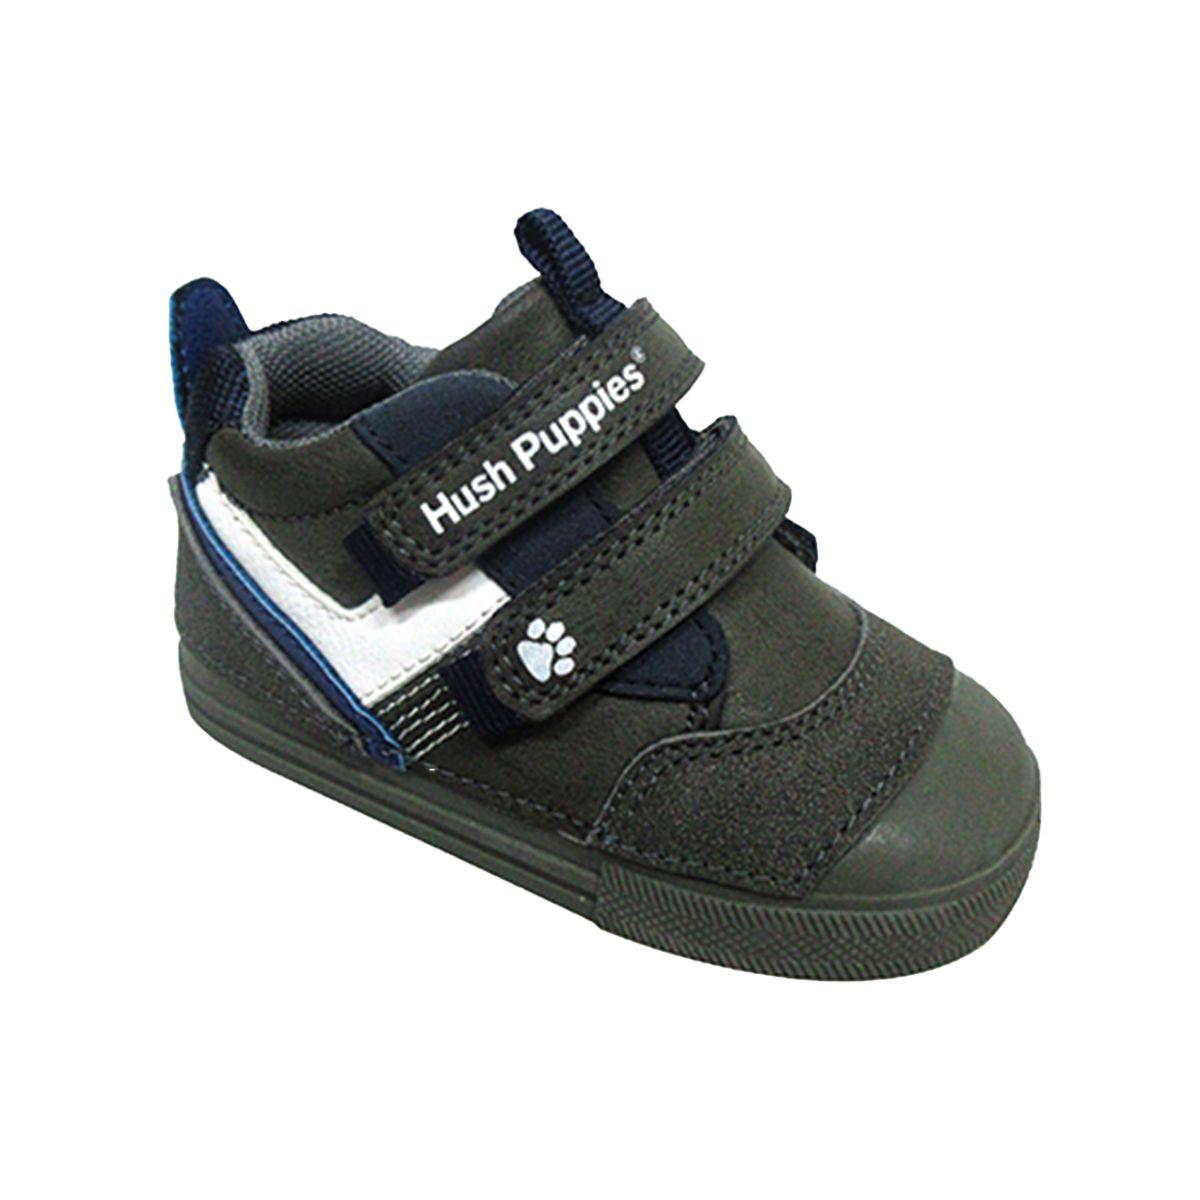 נעלי HUSH PUPPIES SCOTCH FIRST לילדים